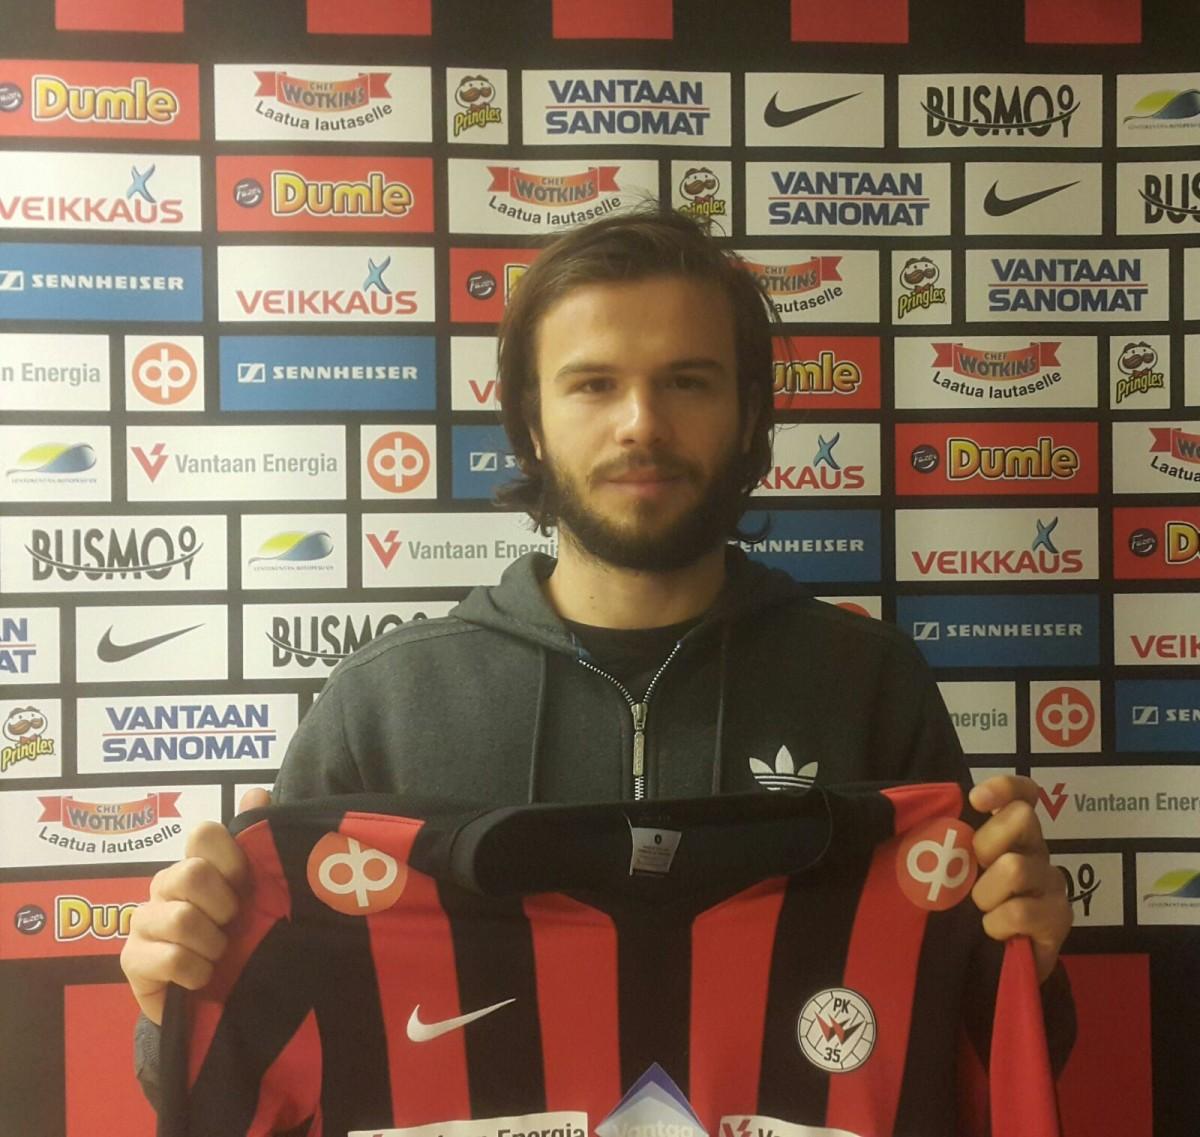 Brasilialainen Lucaus Kauffman siirtyi PK-35 Vantaan riveihin kaksivuotisella sopimuksella. Kuva: PK-35 Vantaa